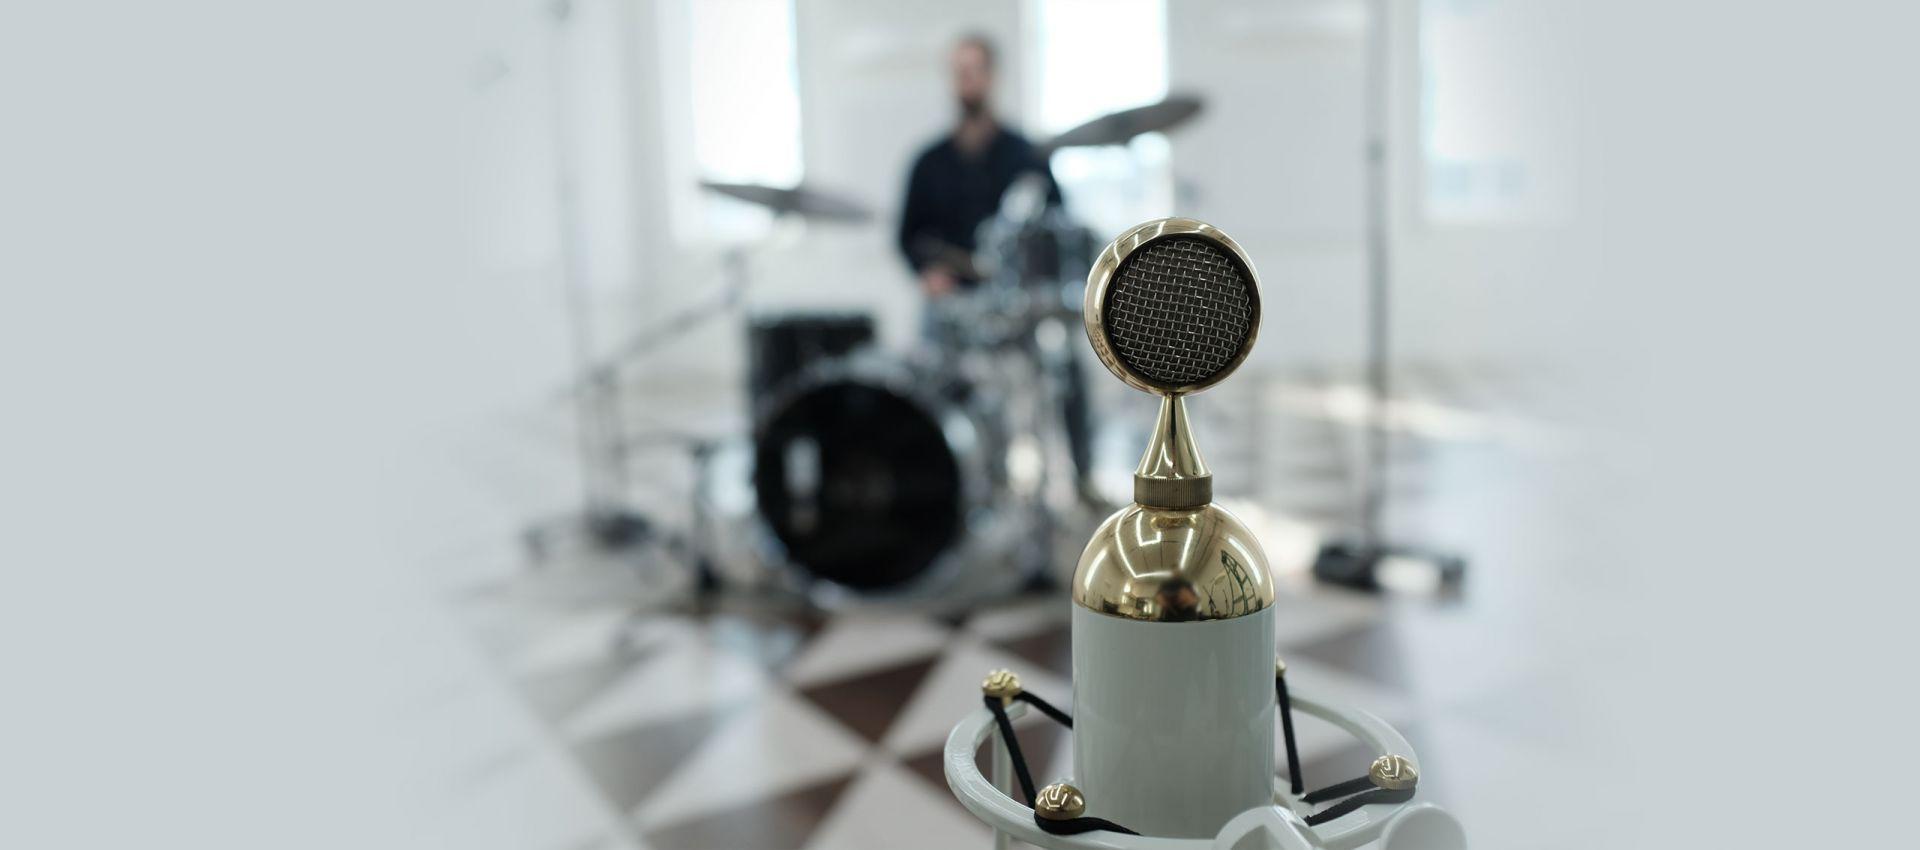 Динамические микрофоны: что это такое и как подключить?